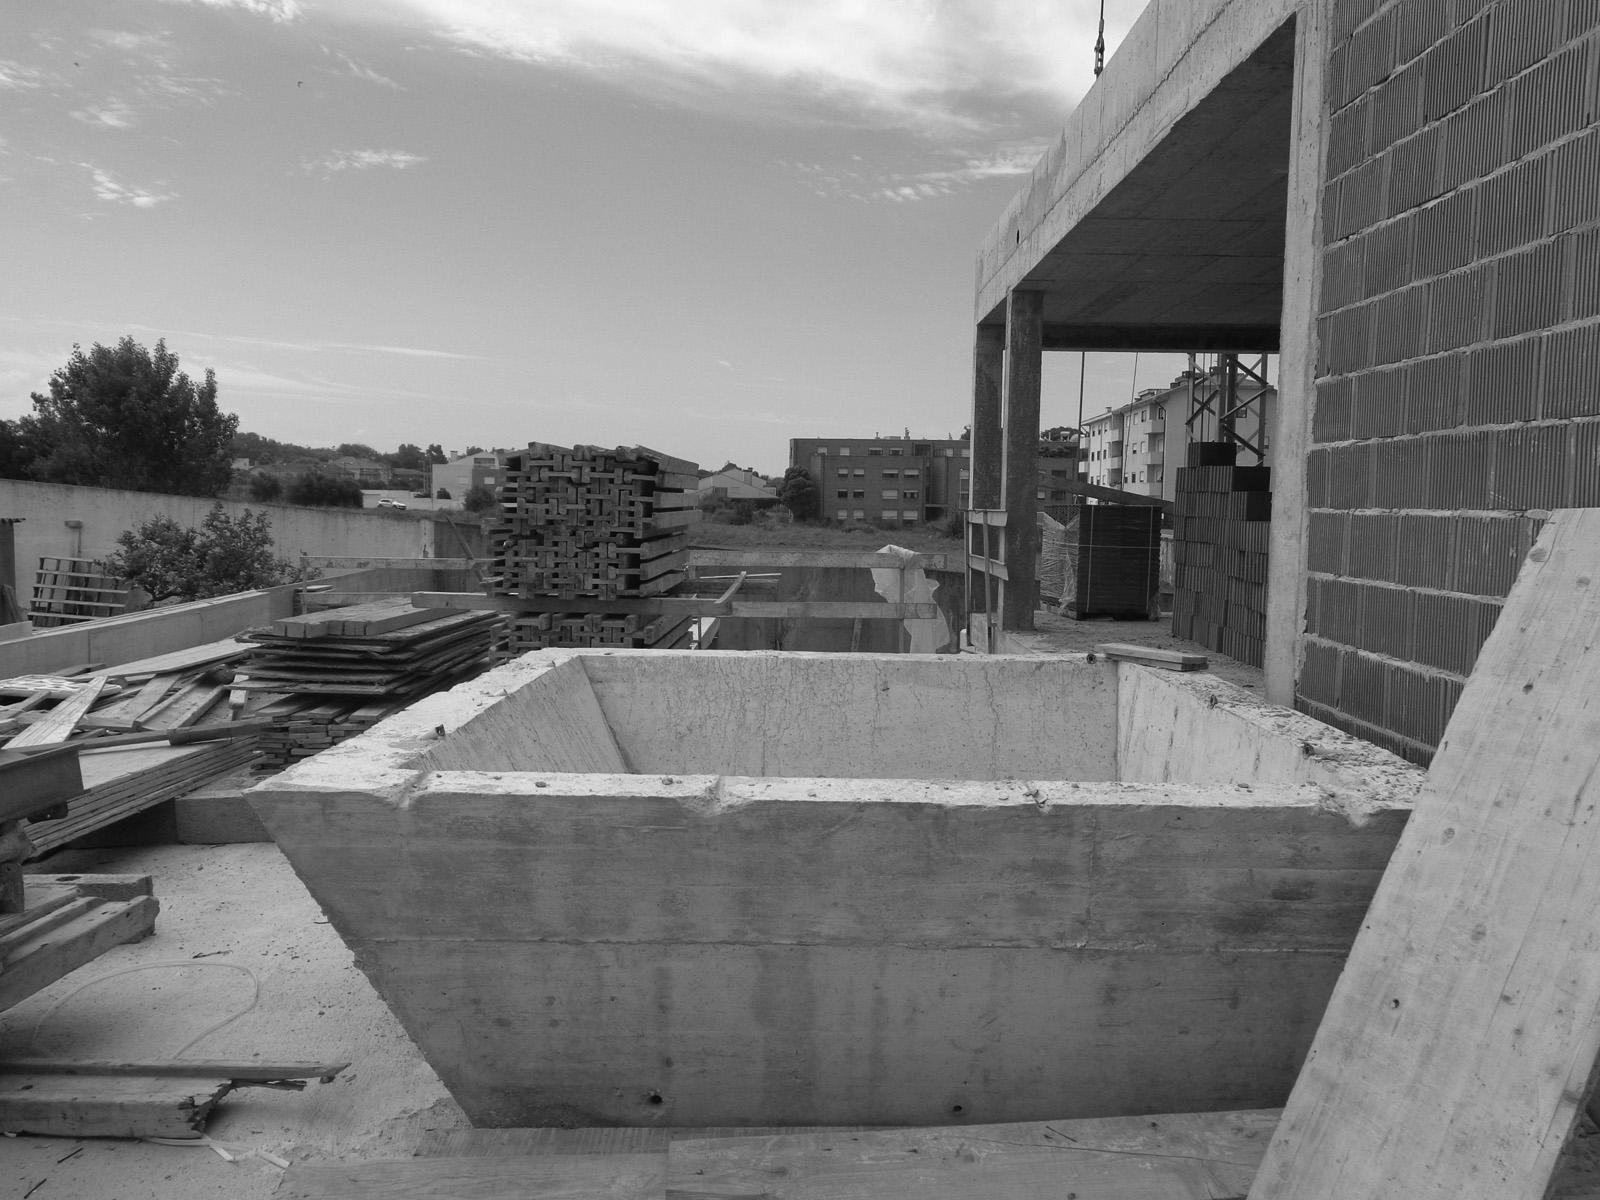 Moradia Alfazema - EVA evolutionary architecture - vila nova de gaia - arquitecto - porto (20).jpg